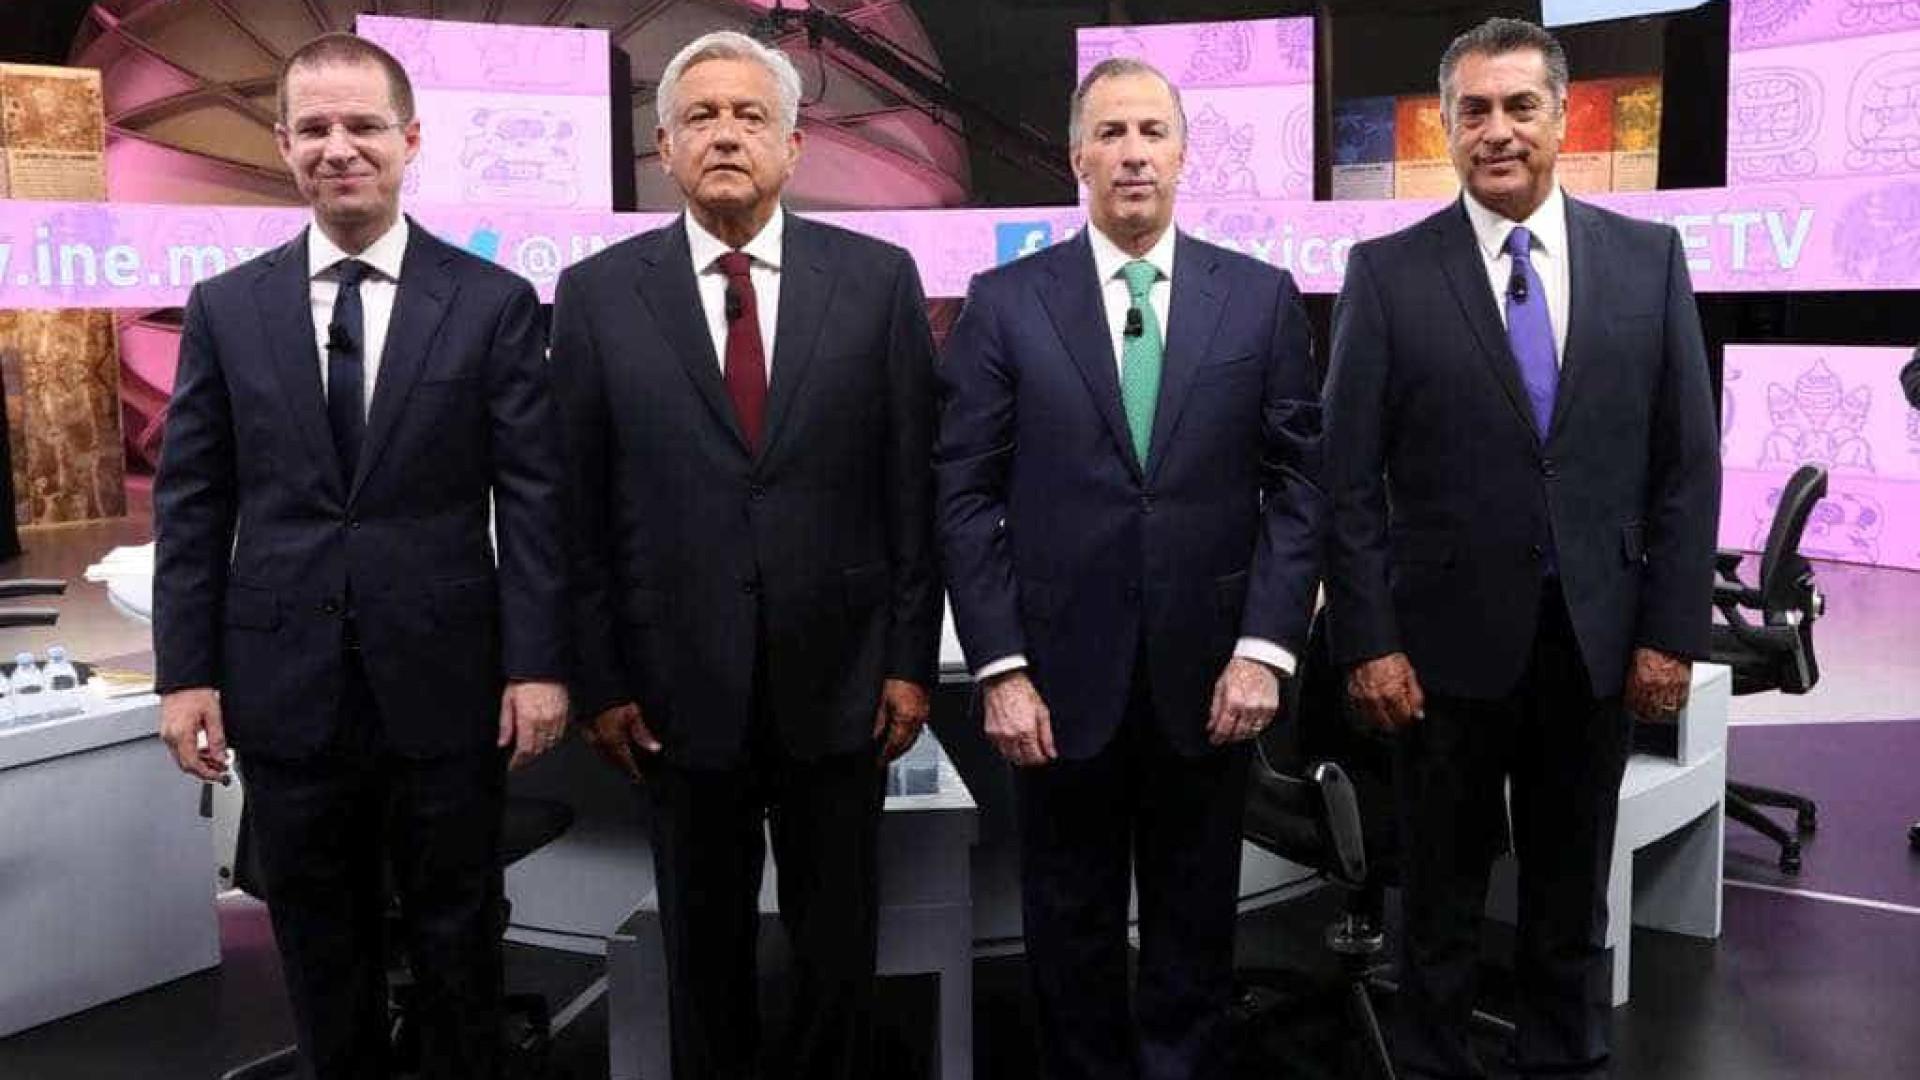 Acusações de corrupção comandam último debate presidencial no México